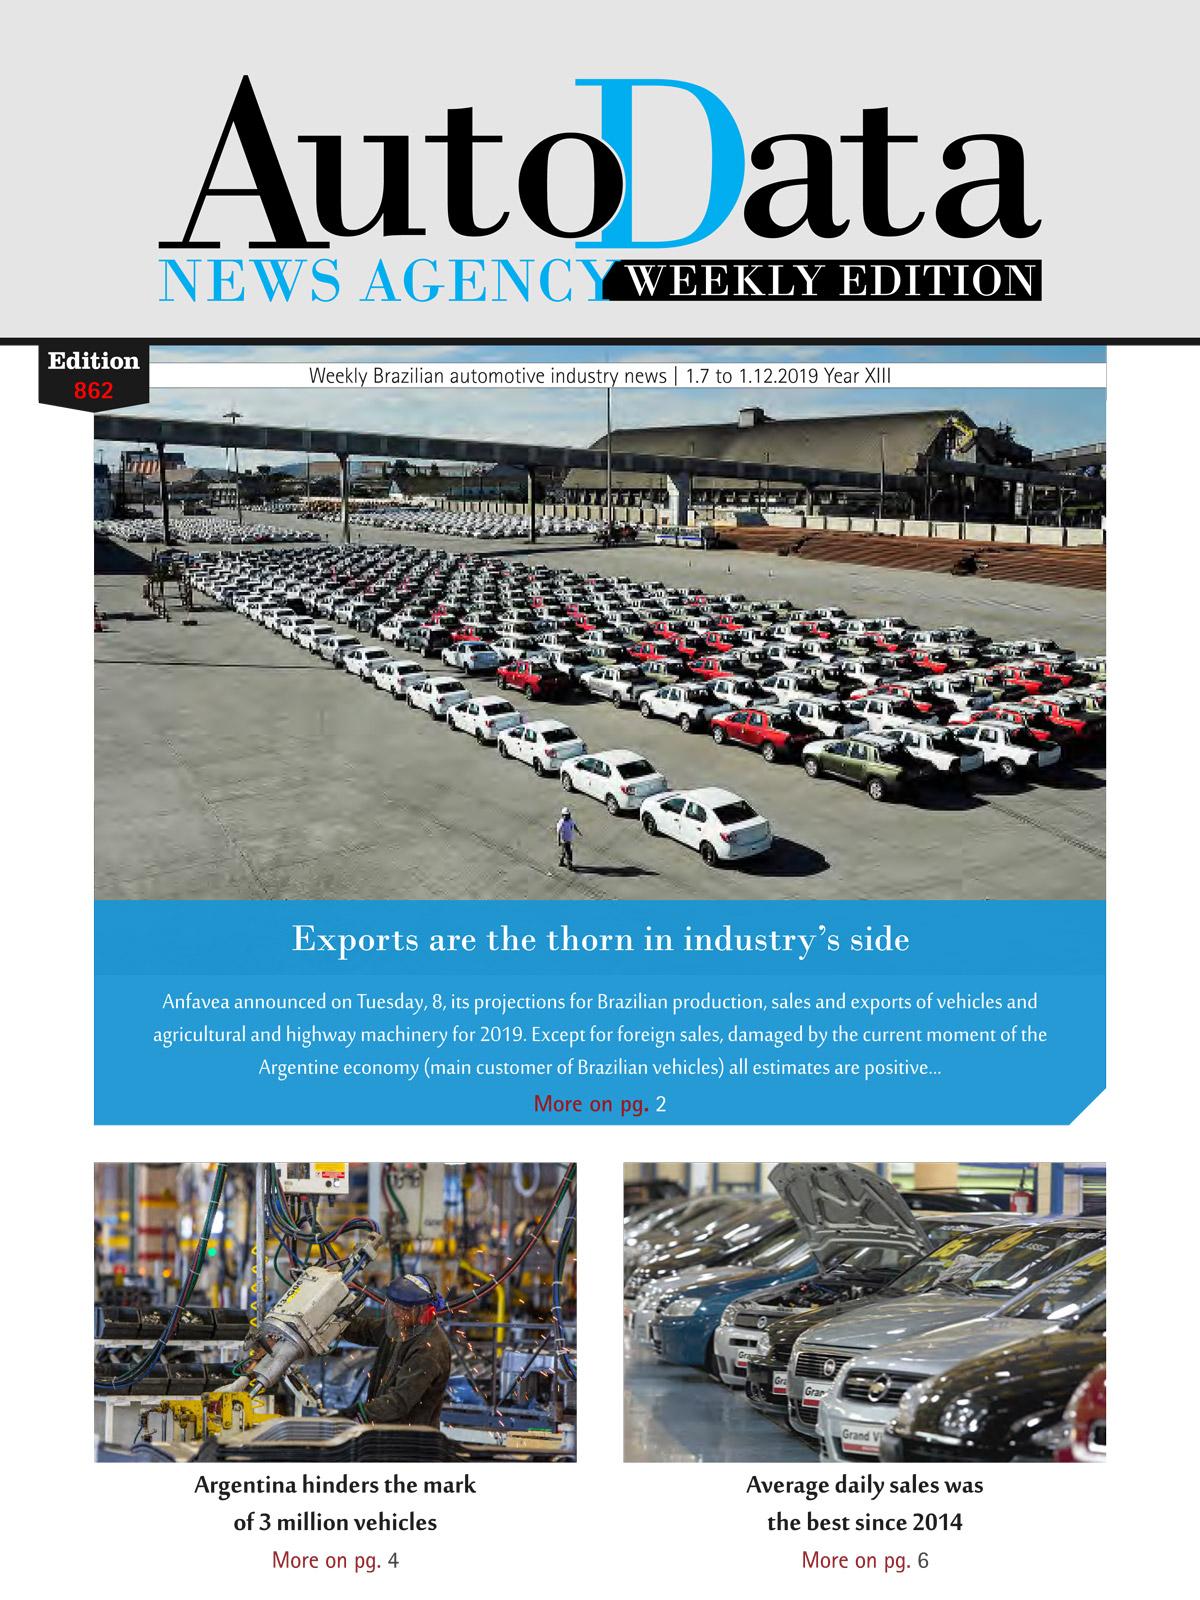 Capa revista Weekly Edition